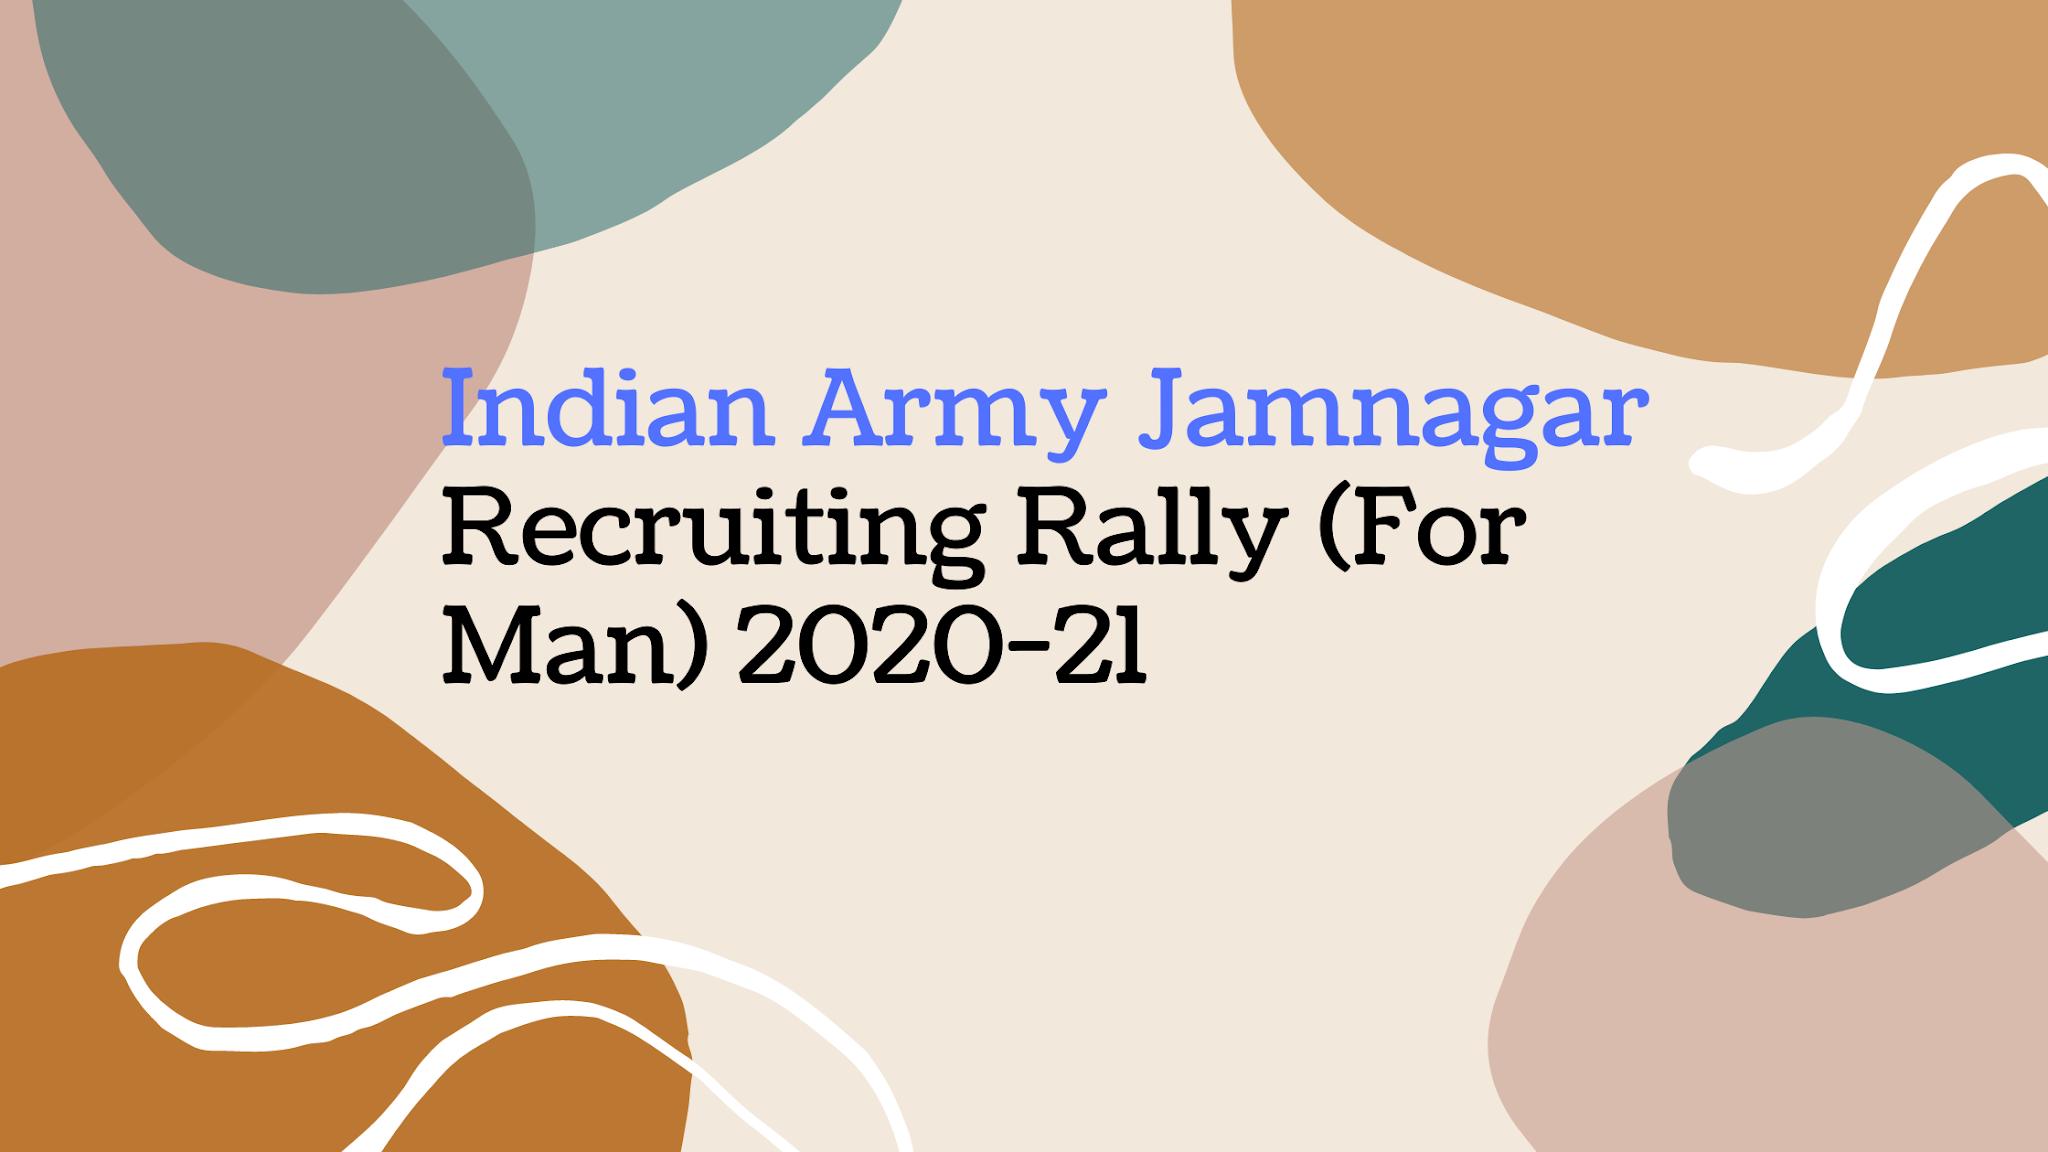 Indian Army Jamnagar Recruiting Rally (For Man) 2020-21